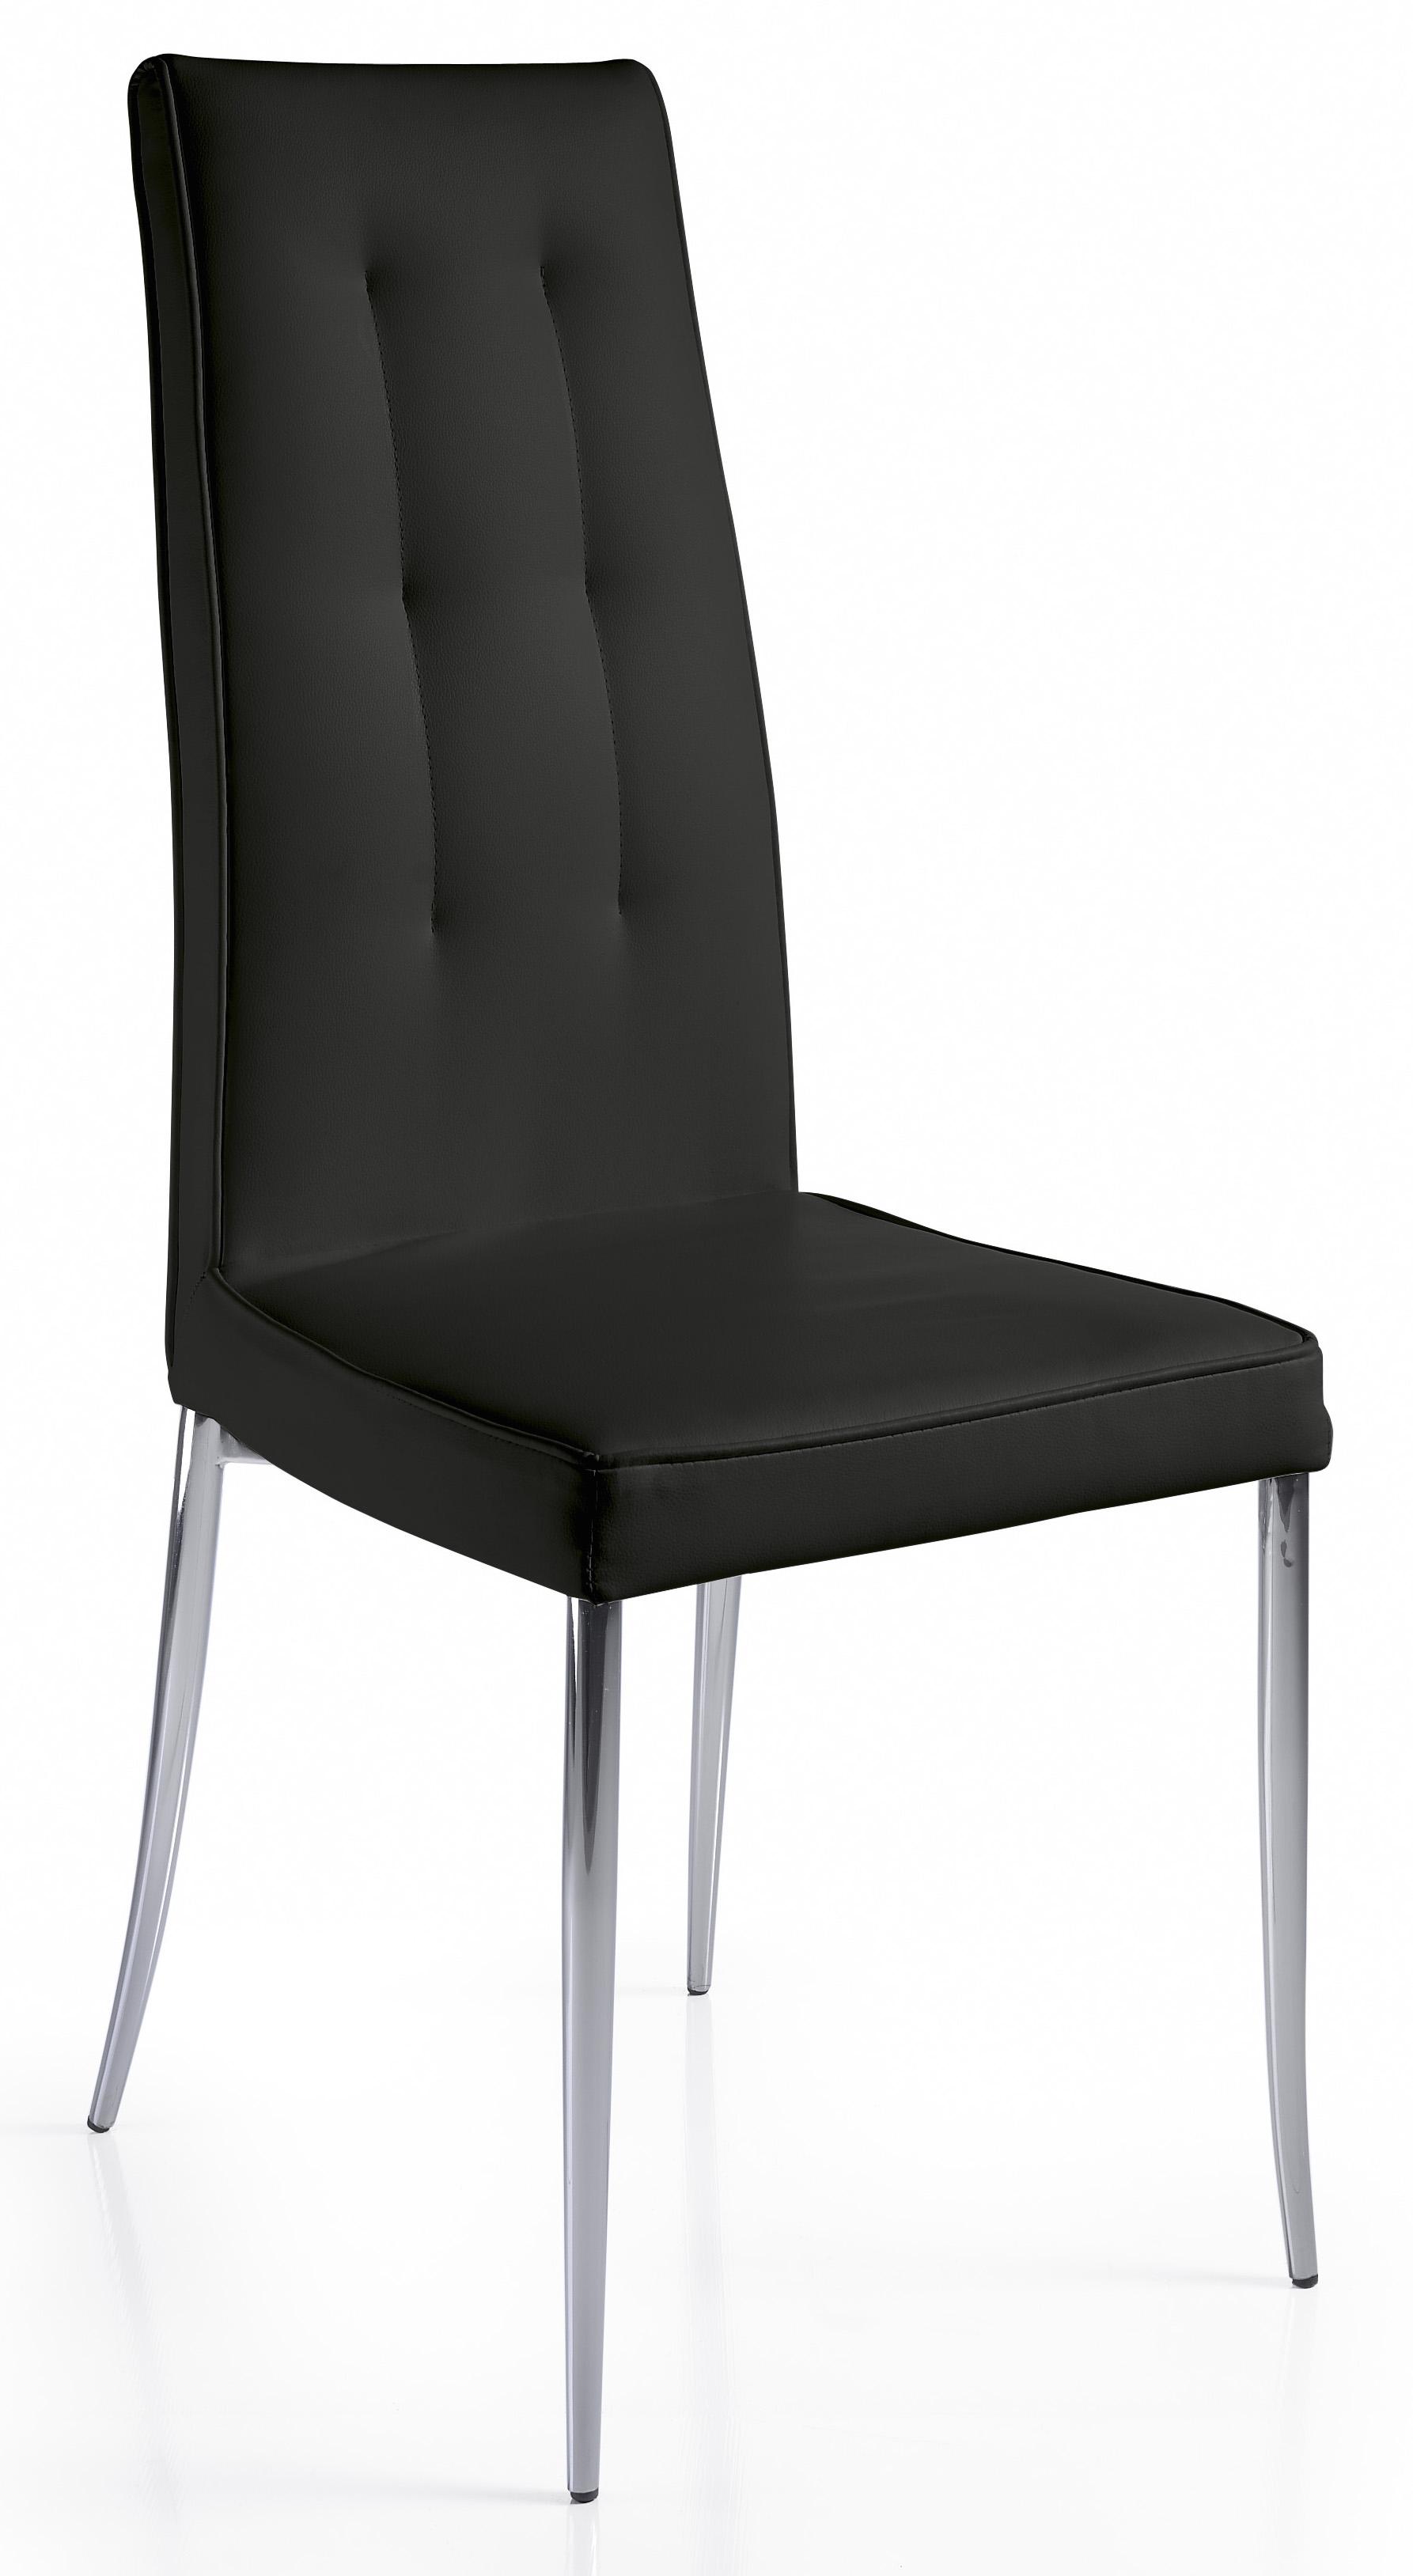 chaise design noir kapa lot de 2. Black Bedroom Furniture Sets. Home Design Ideas